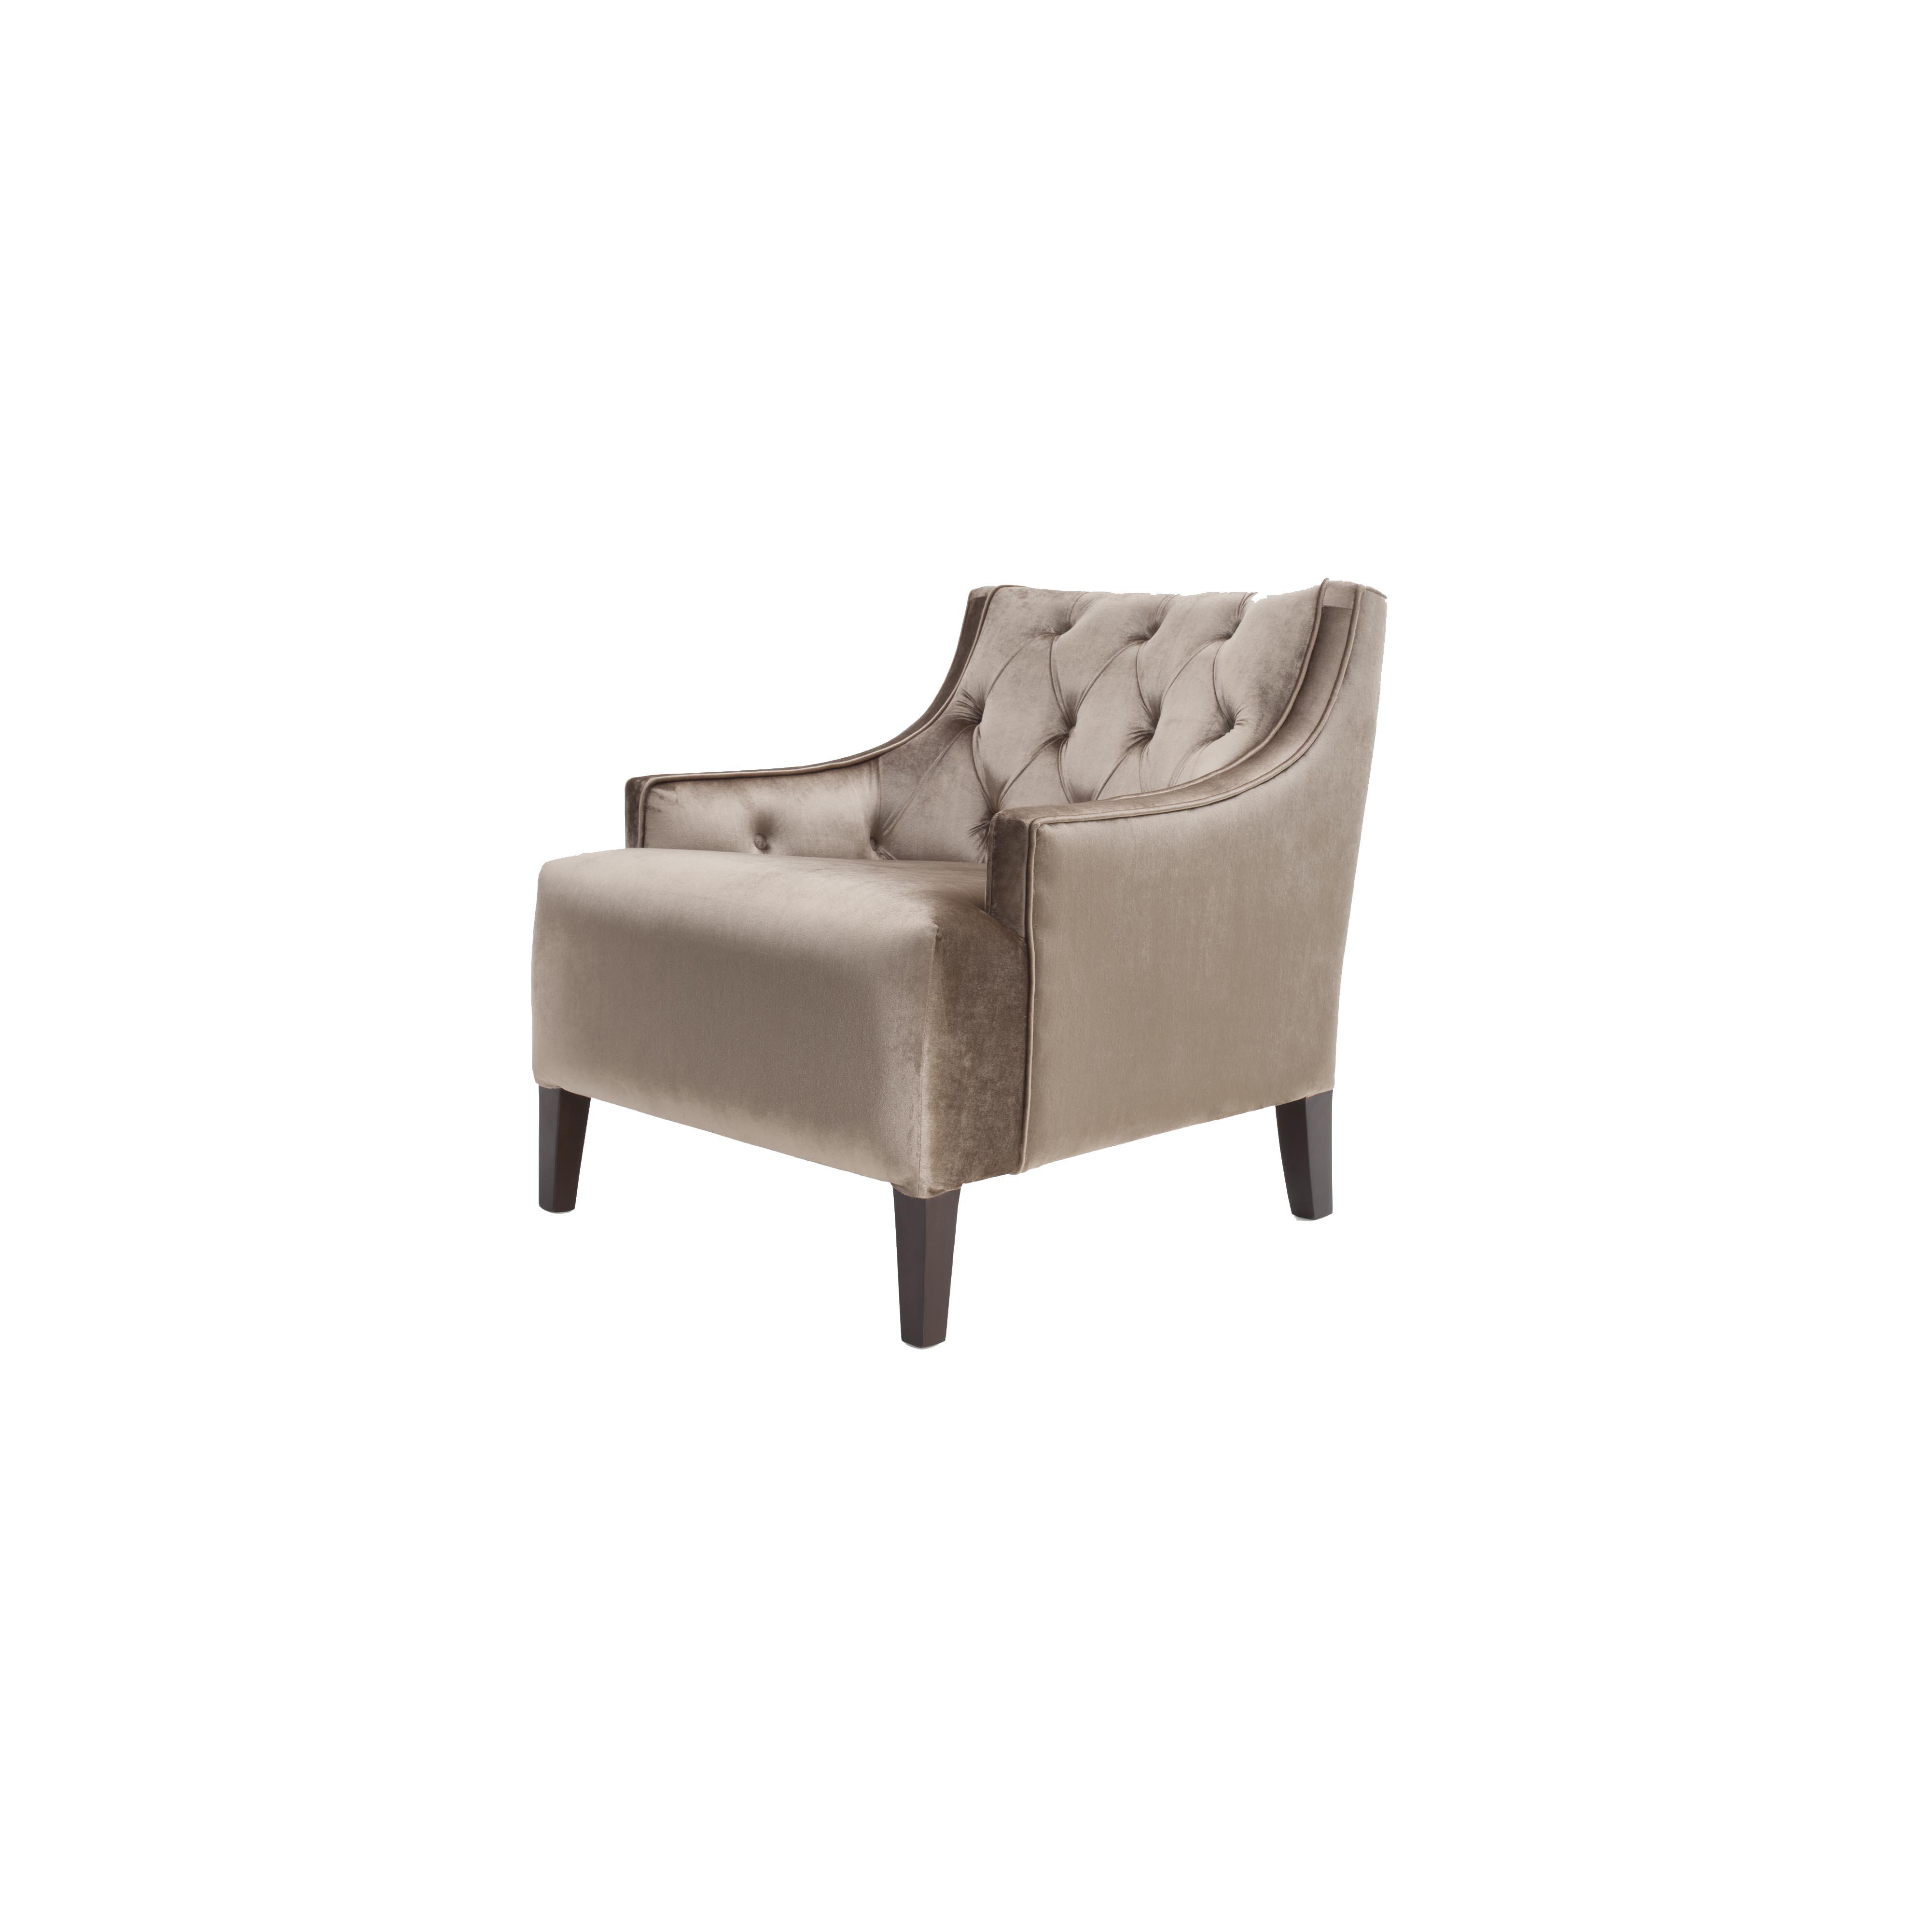 Mastro armchair